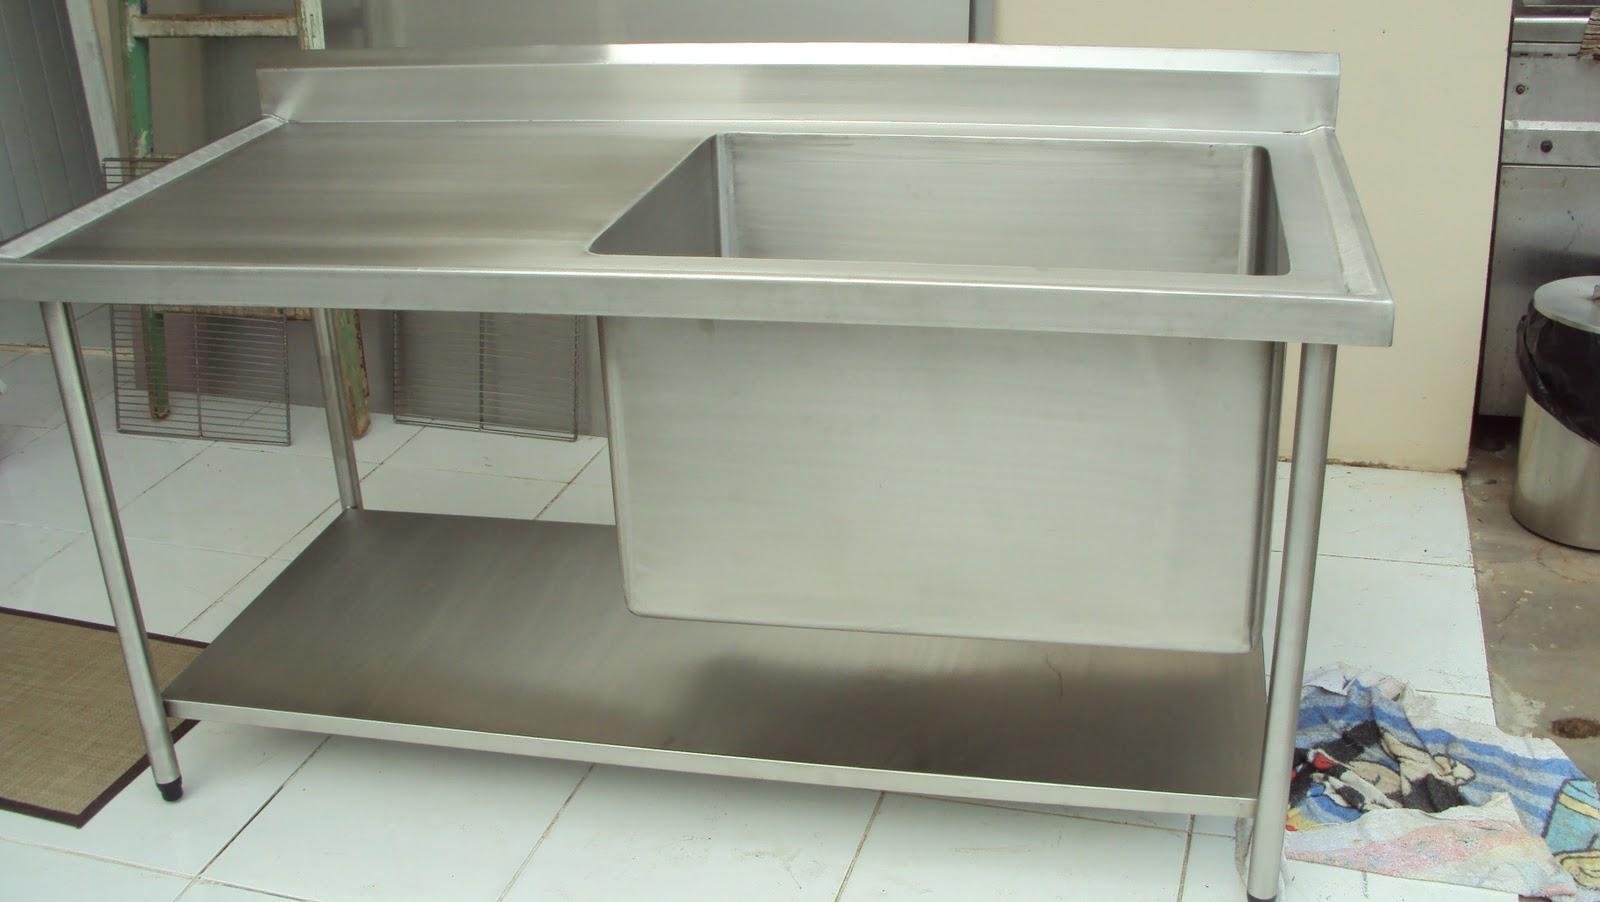 Cozinhas Industriais Picture #496682 1600 902